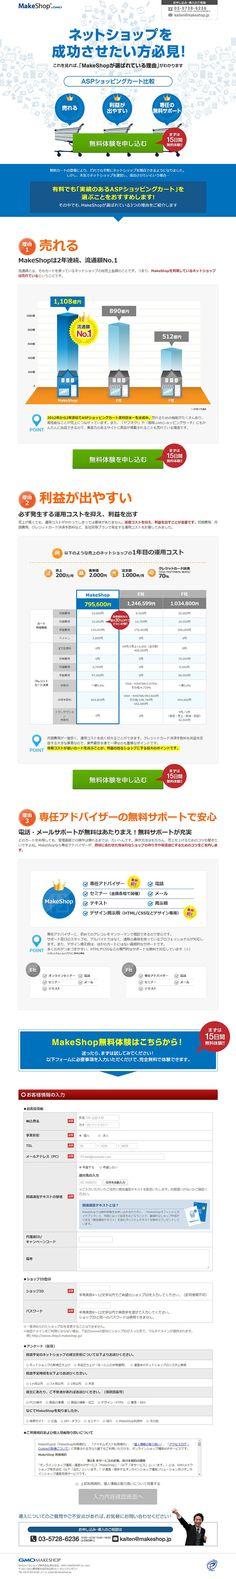 MakeShop ASPカートシステム【インターネットサービス関連】のLPデザイン。WEBデザイナーさん必見!ランディングページのデザイン参考に(シンプル系)